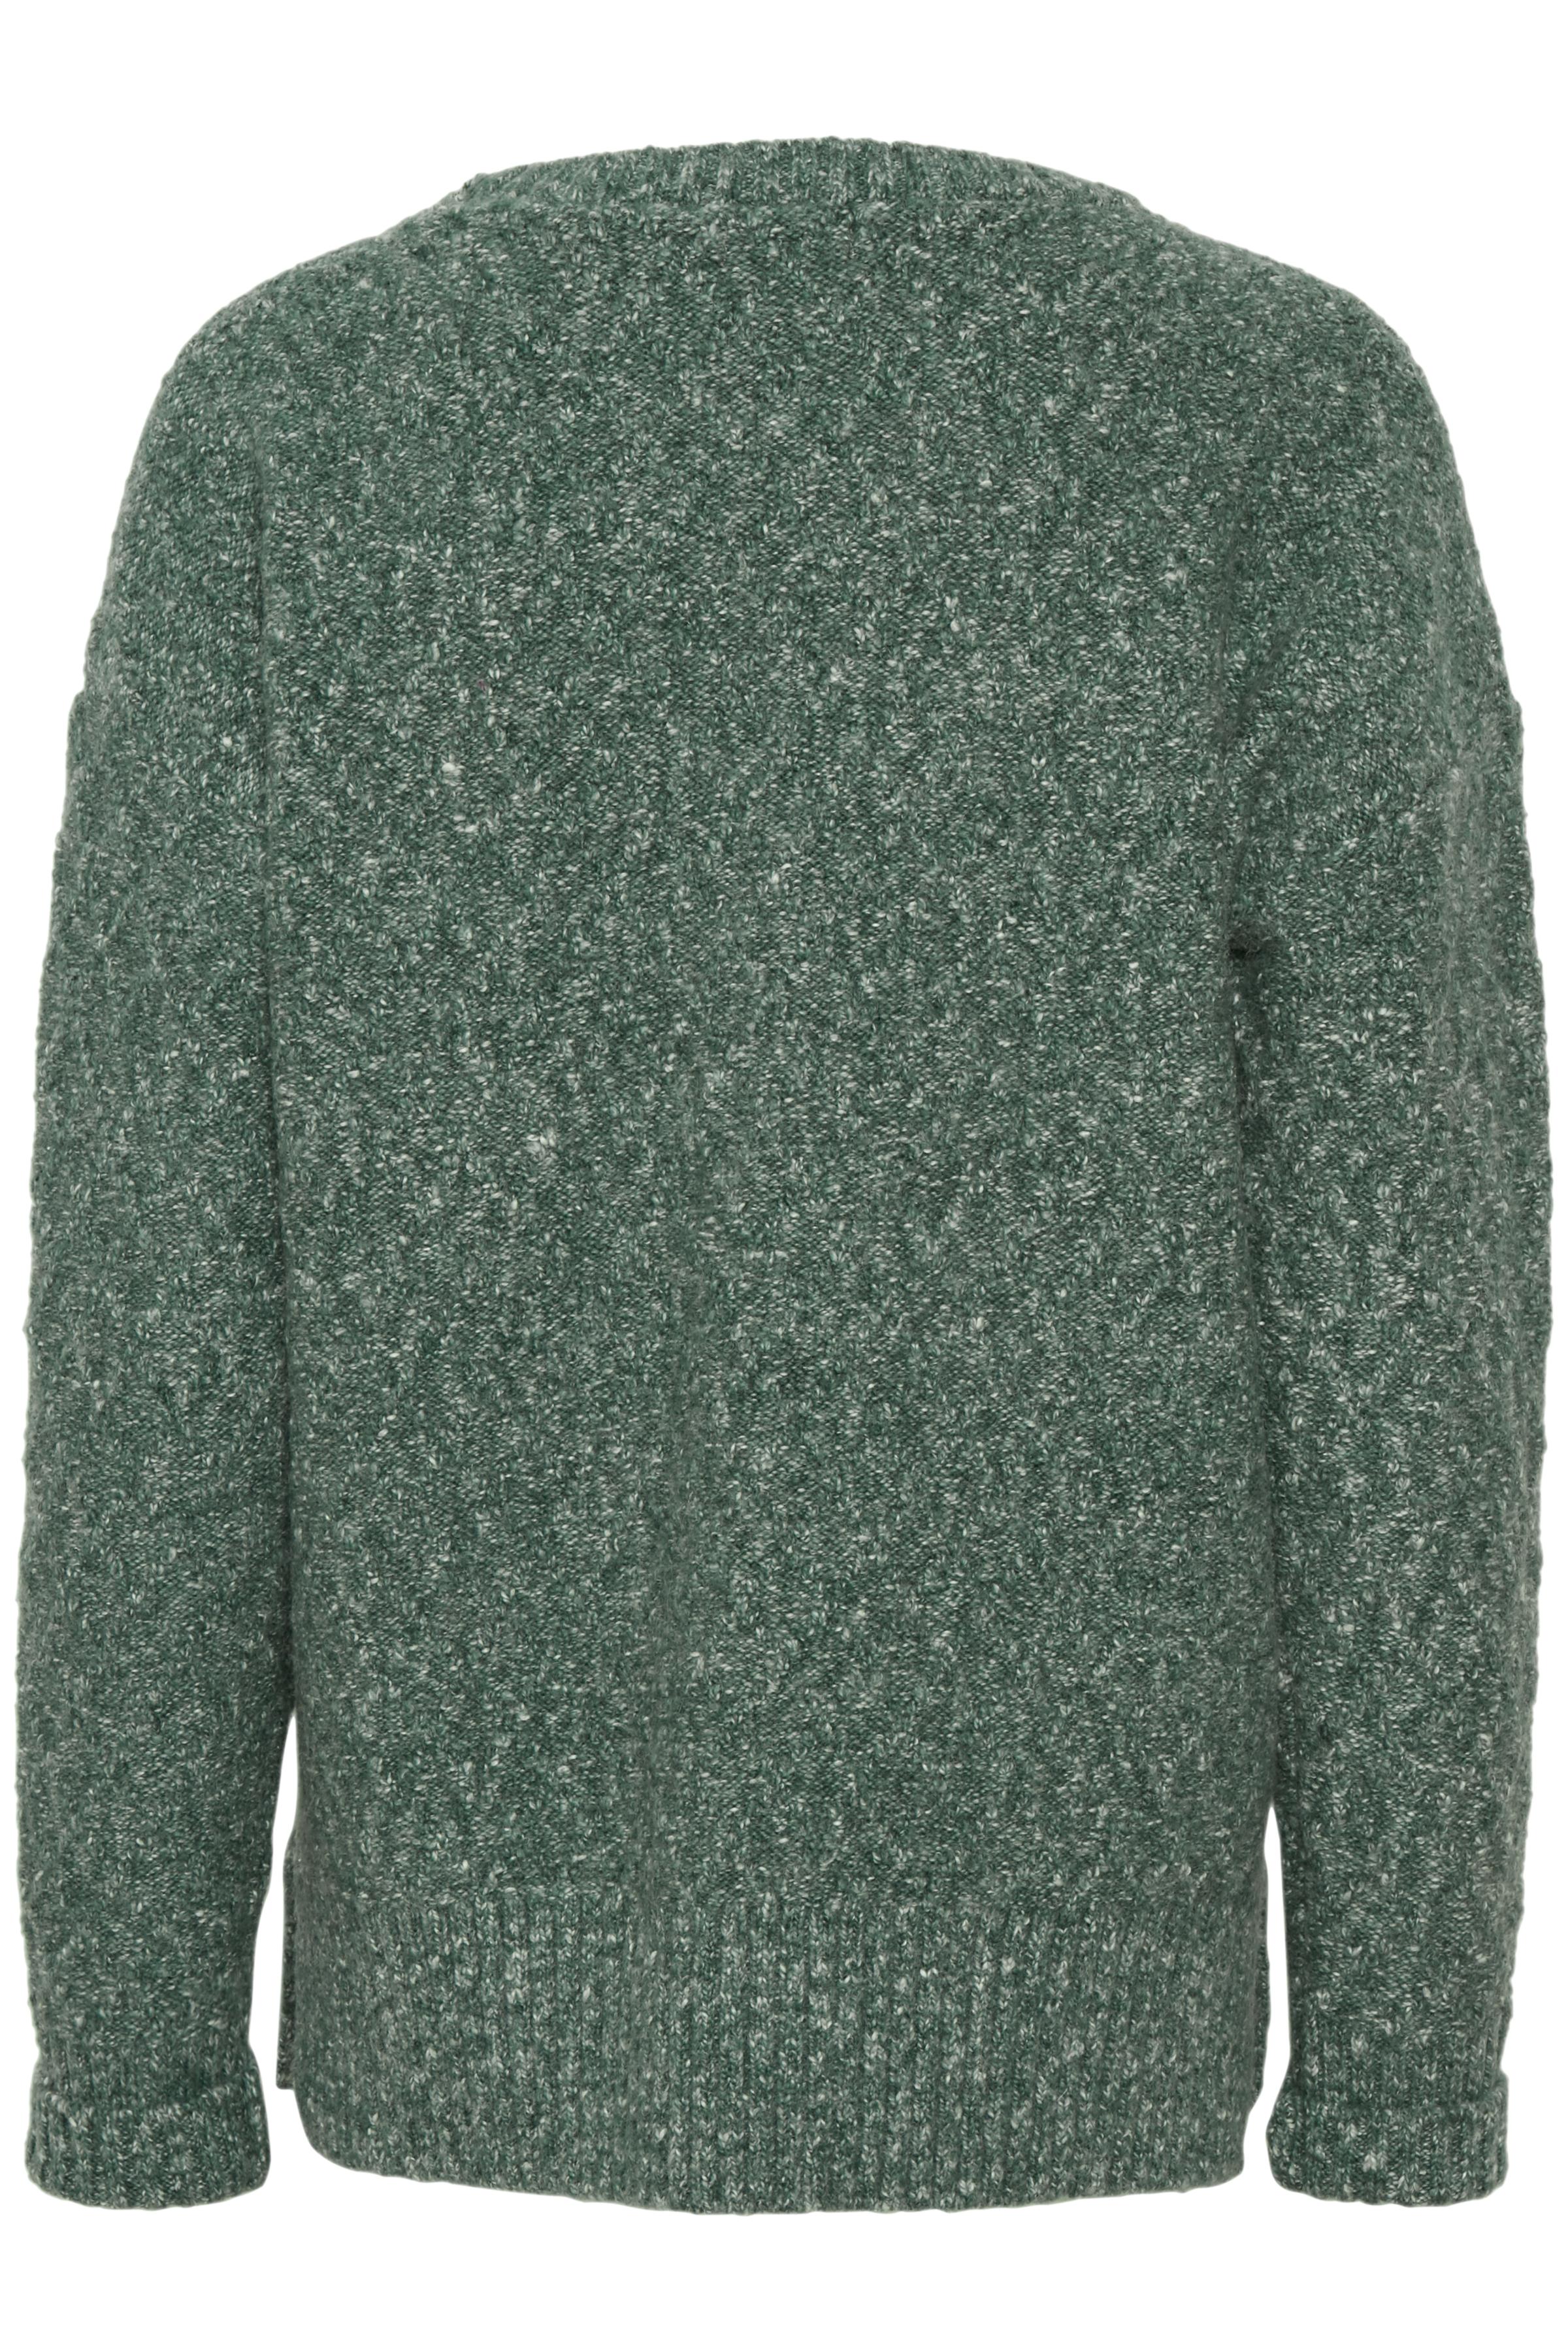 Opalmelerad Stickad pullover från Bon'A Parte – Köp Opalmelerad Stickad pullover från stl. S-2XL här